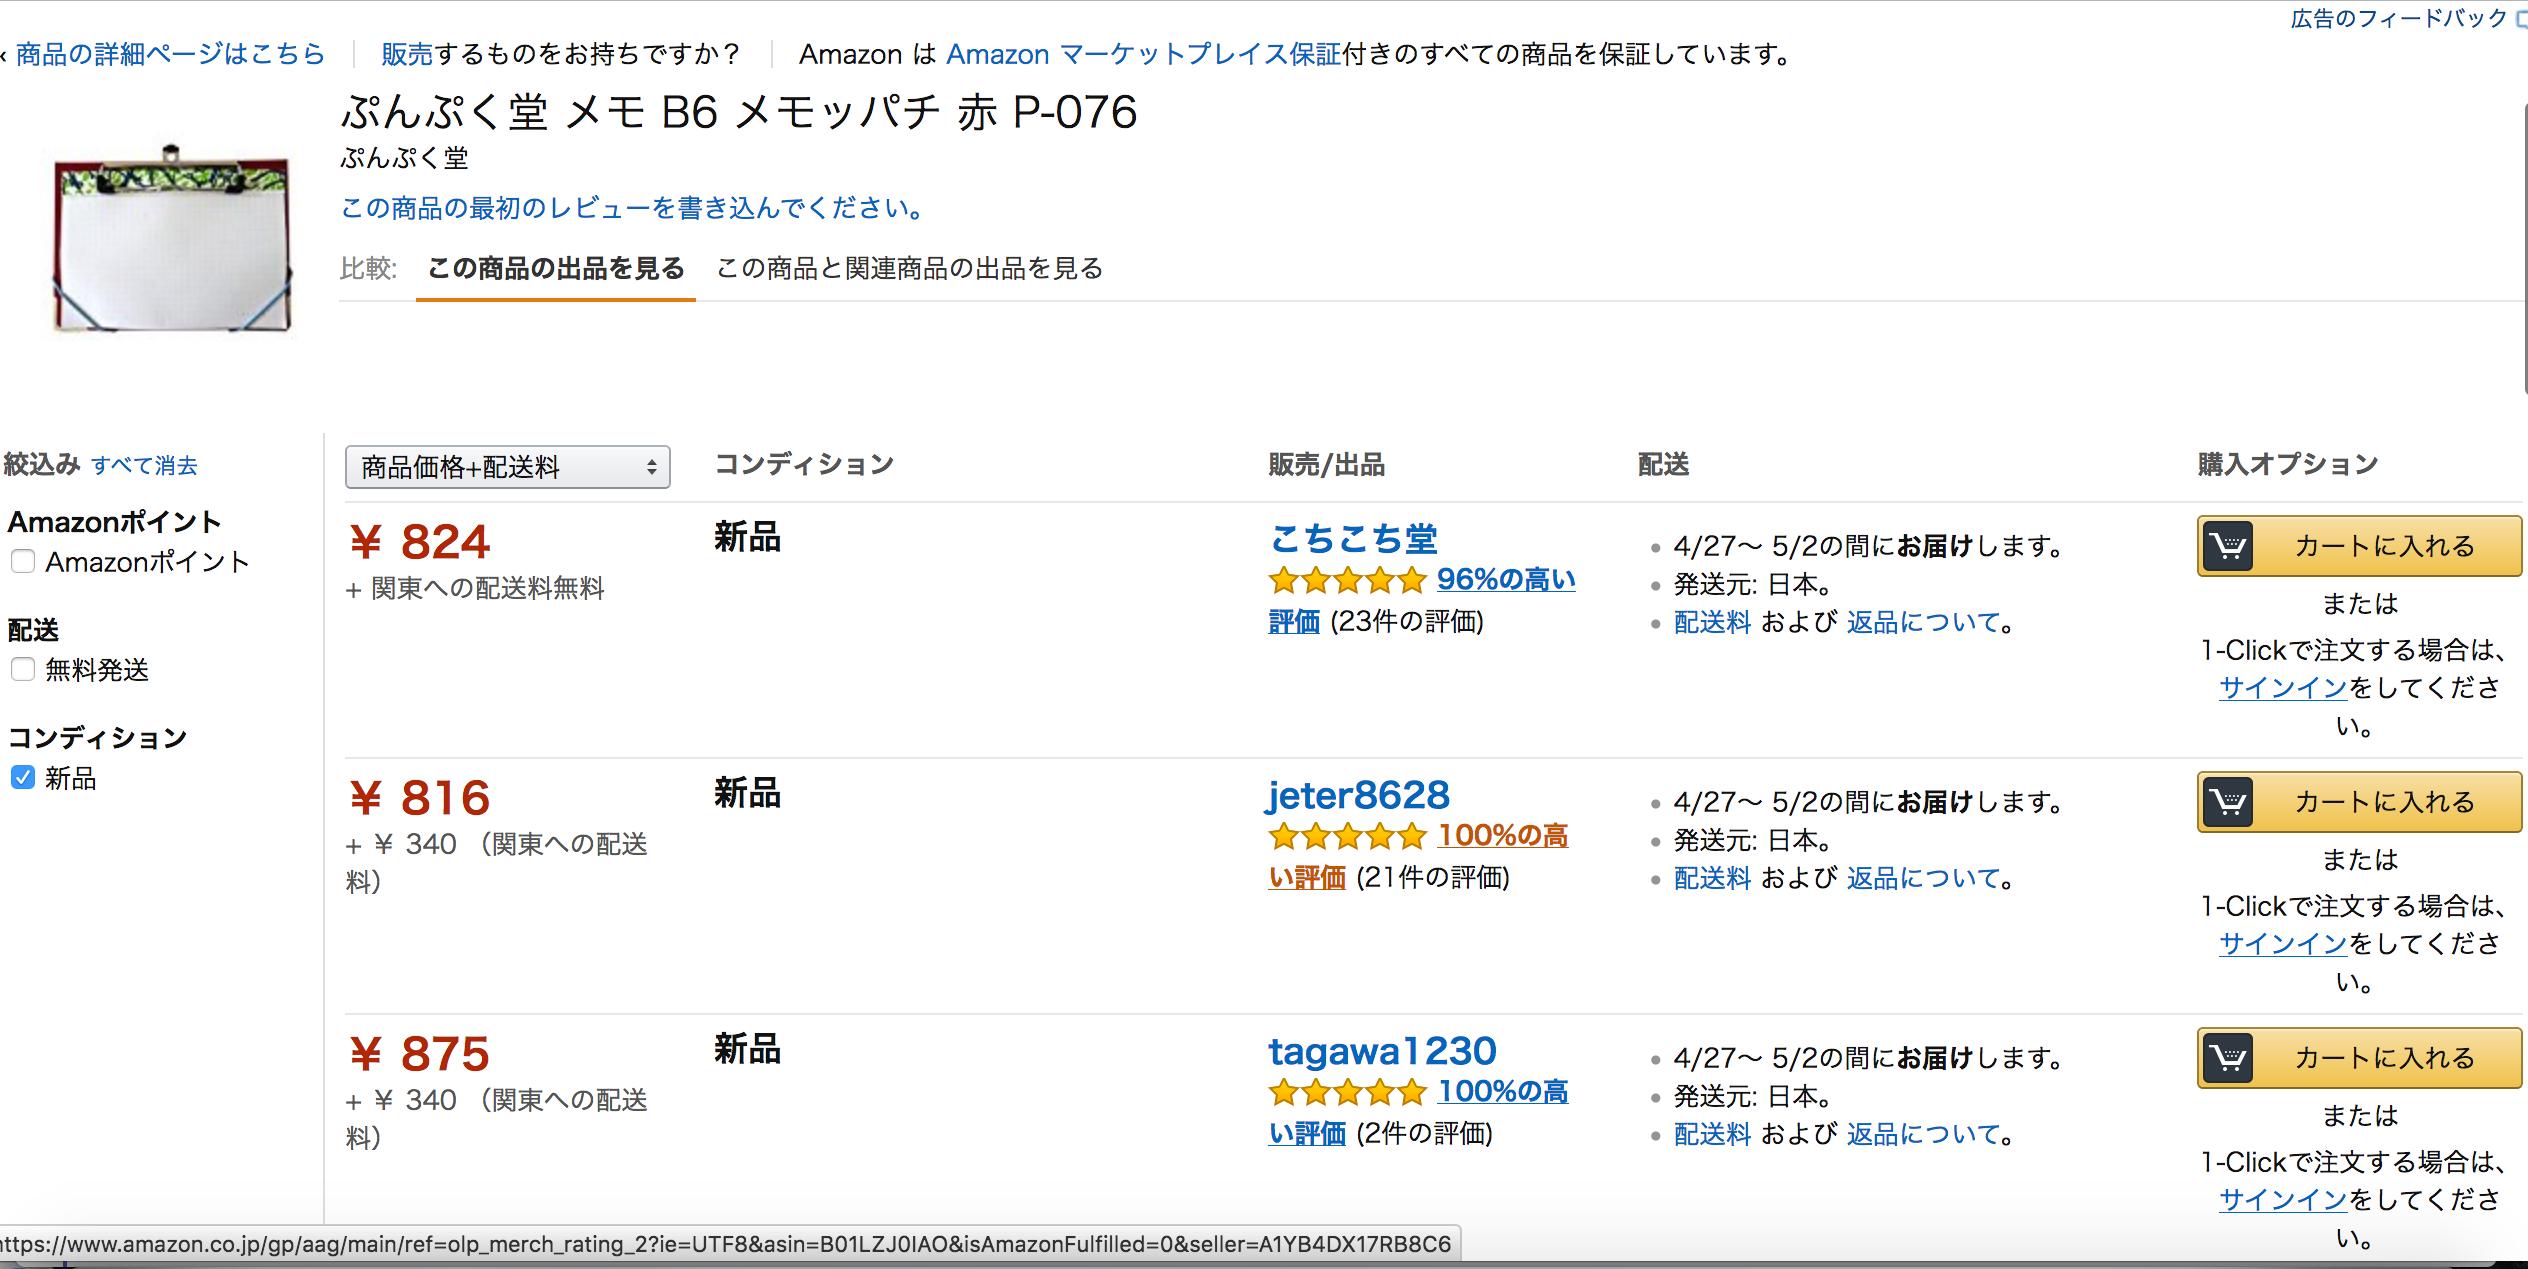 【警告】〔Amazonでの安売り業者に注意〕個人情報漏洩のおそれも。